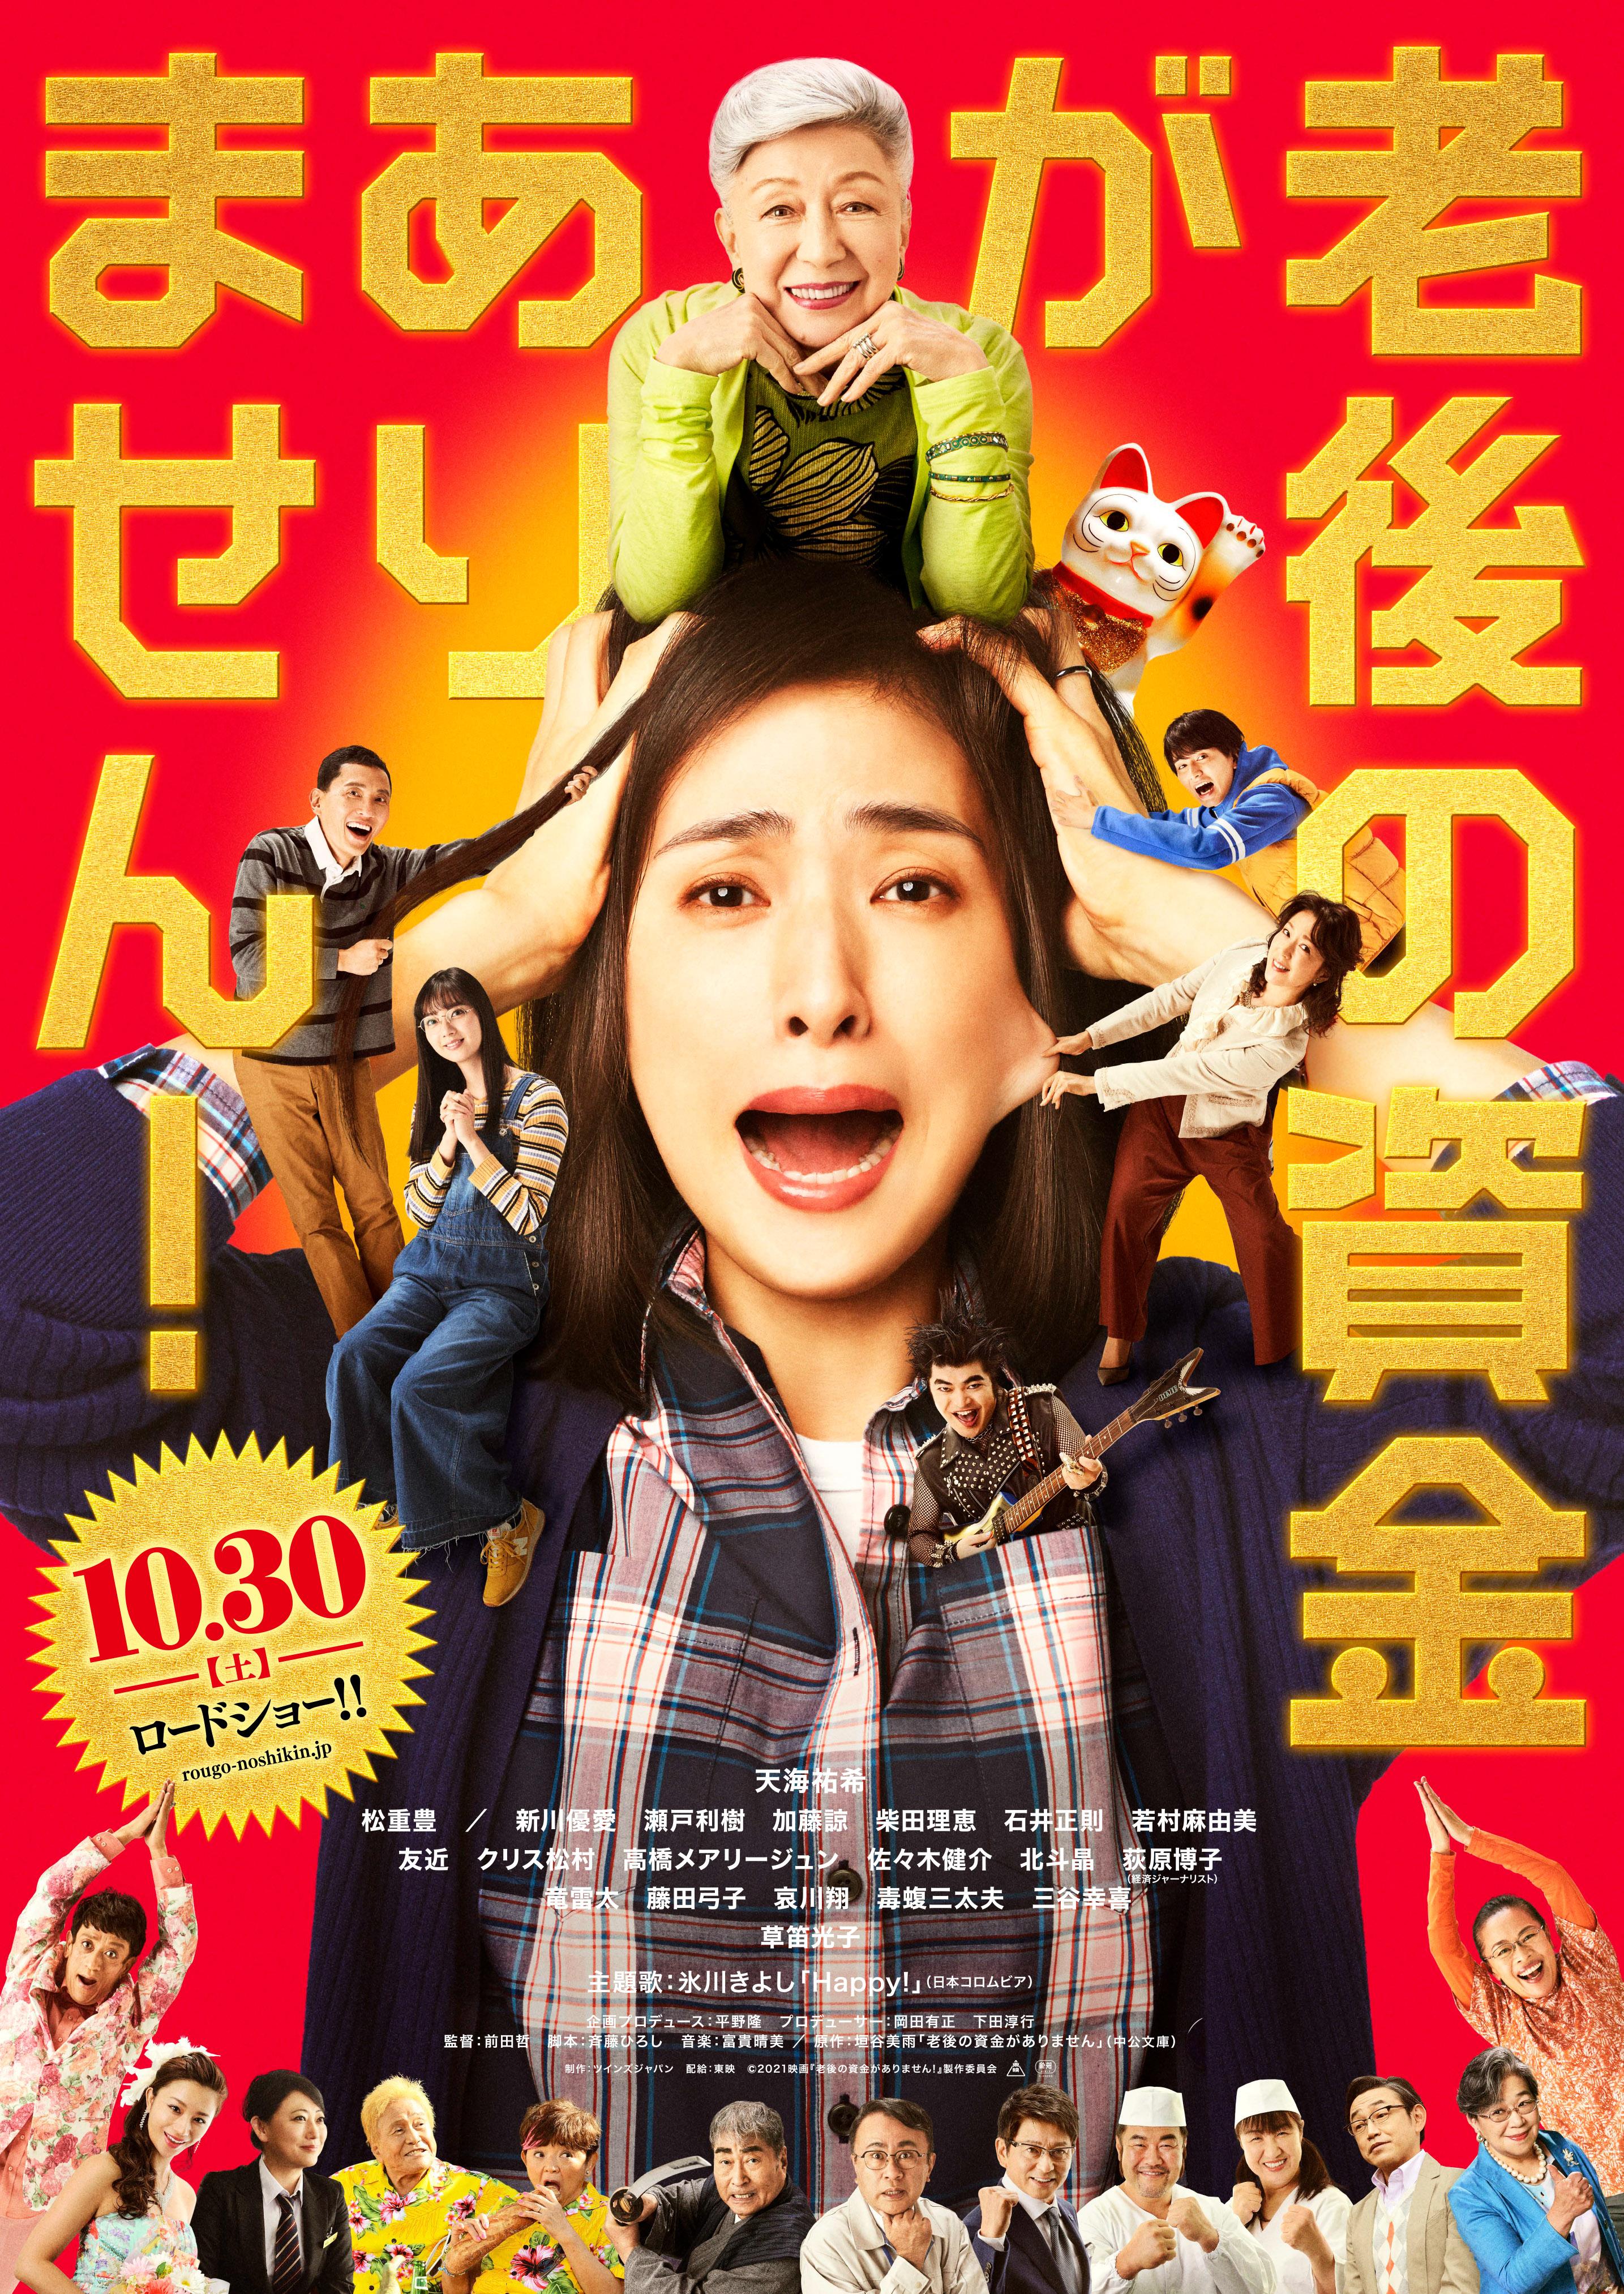 10月30日(土)全国公開 映画『老後の資金がありません!』ムビチケプレゼント